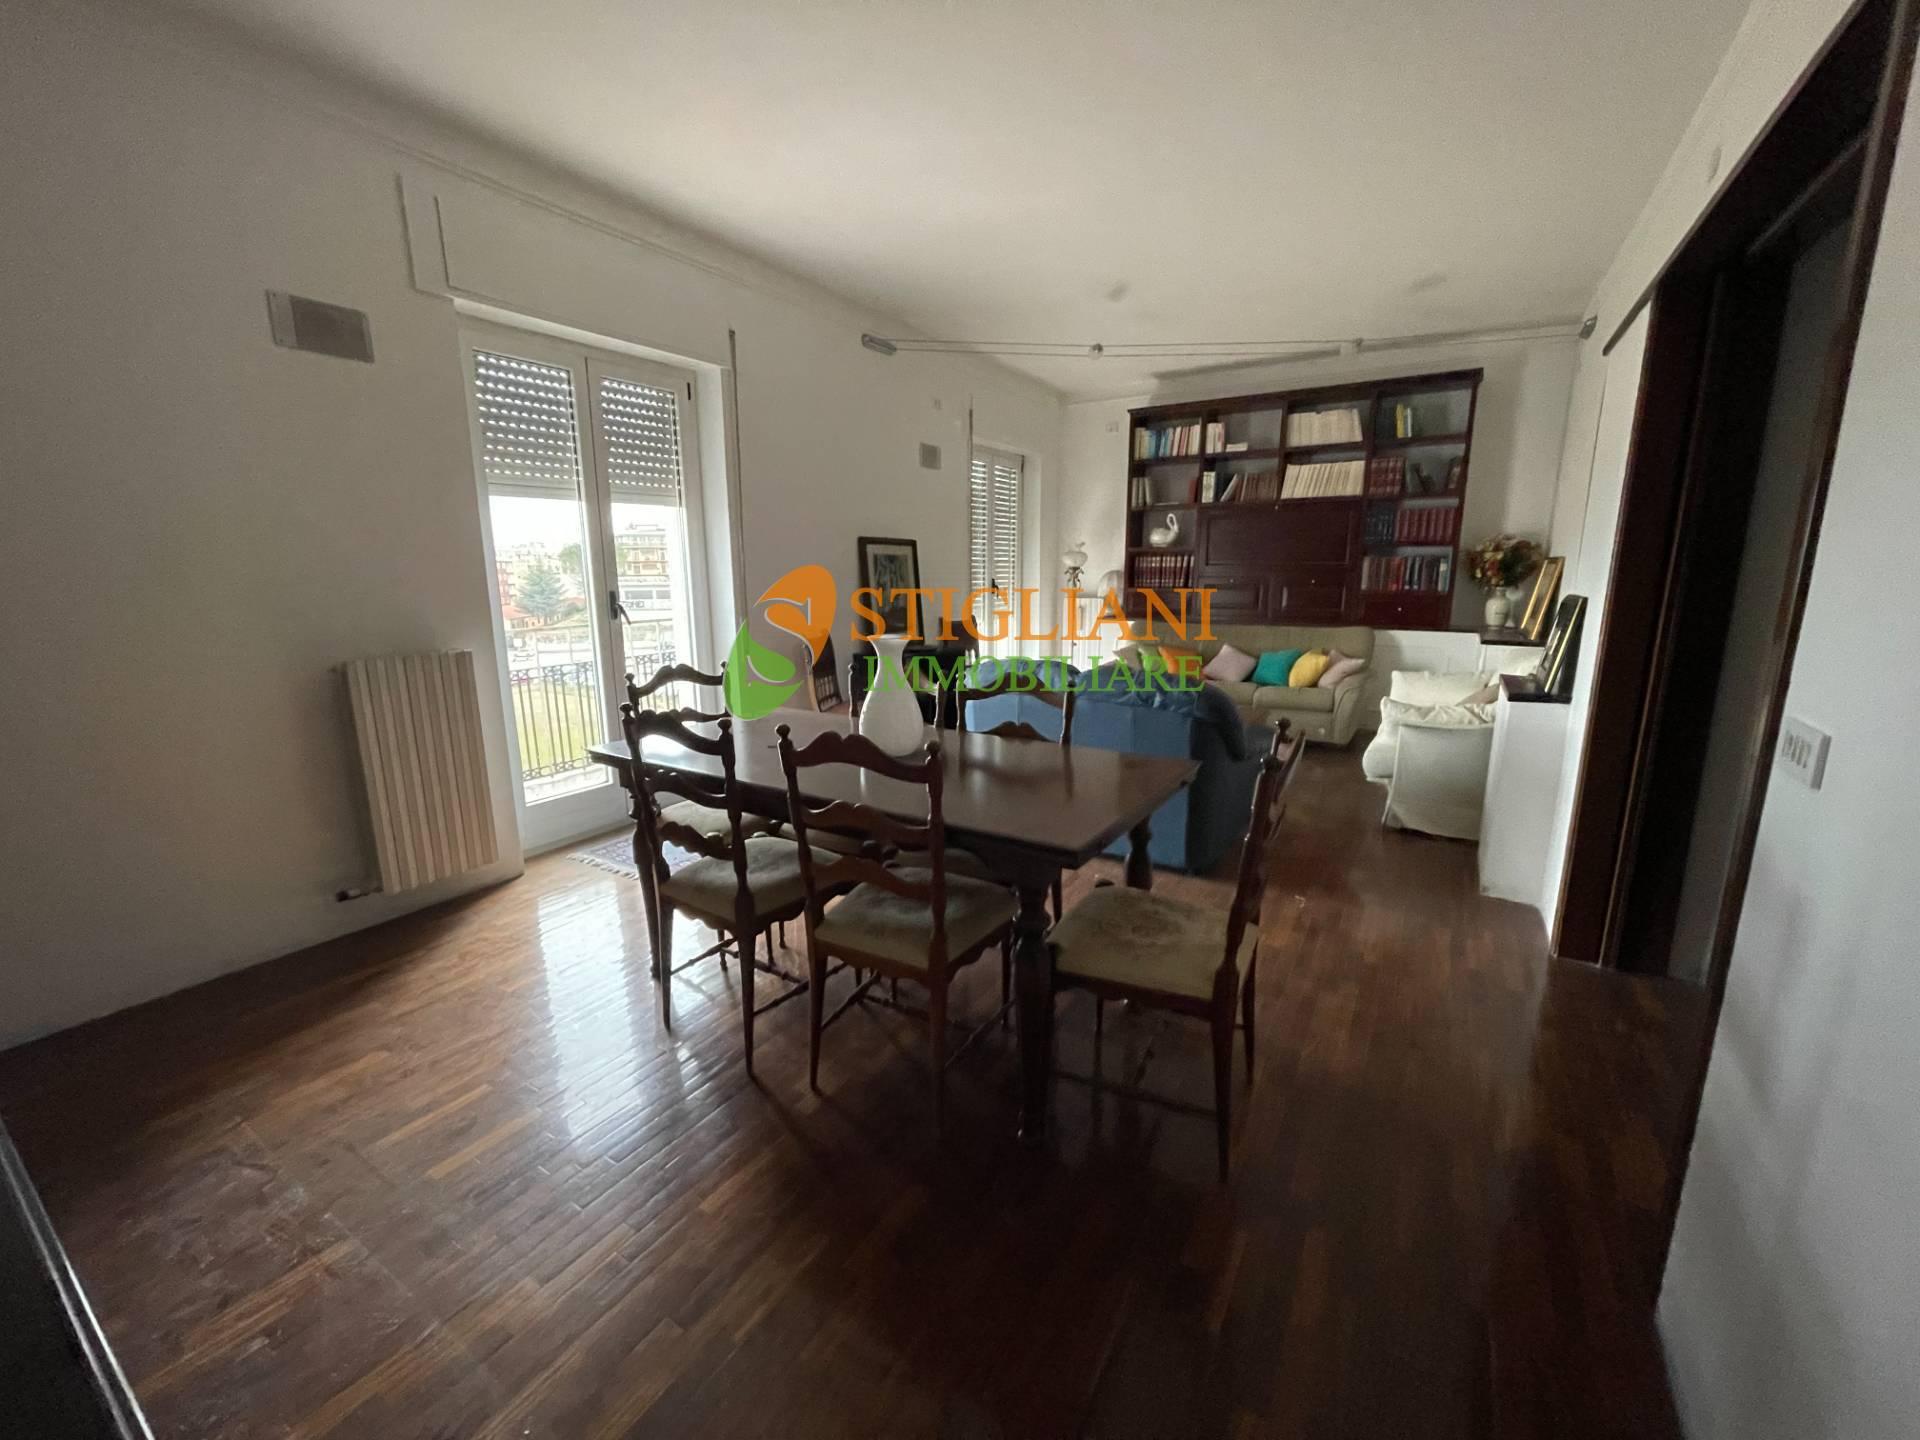 Appartamento in vendita a Campobasso, 5 locali, zona Zona: Centro, prezzo € 165.000 | CambioCasa.it